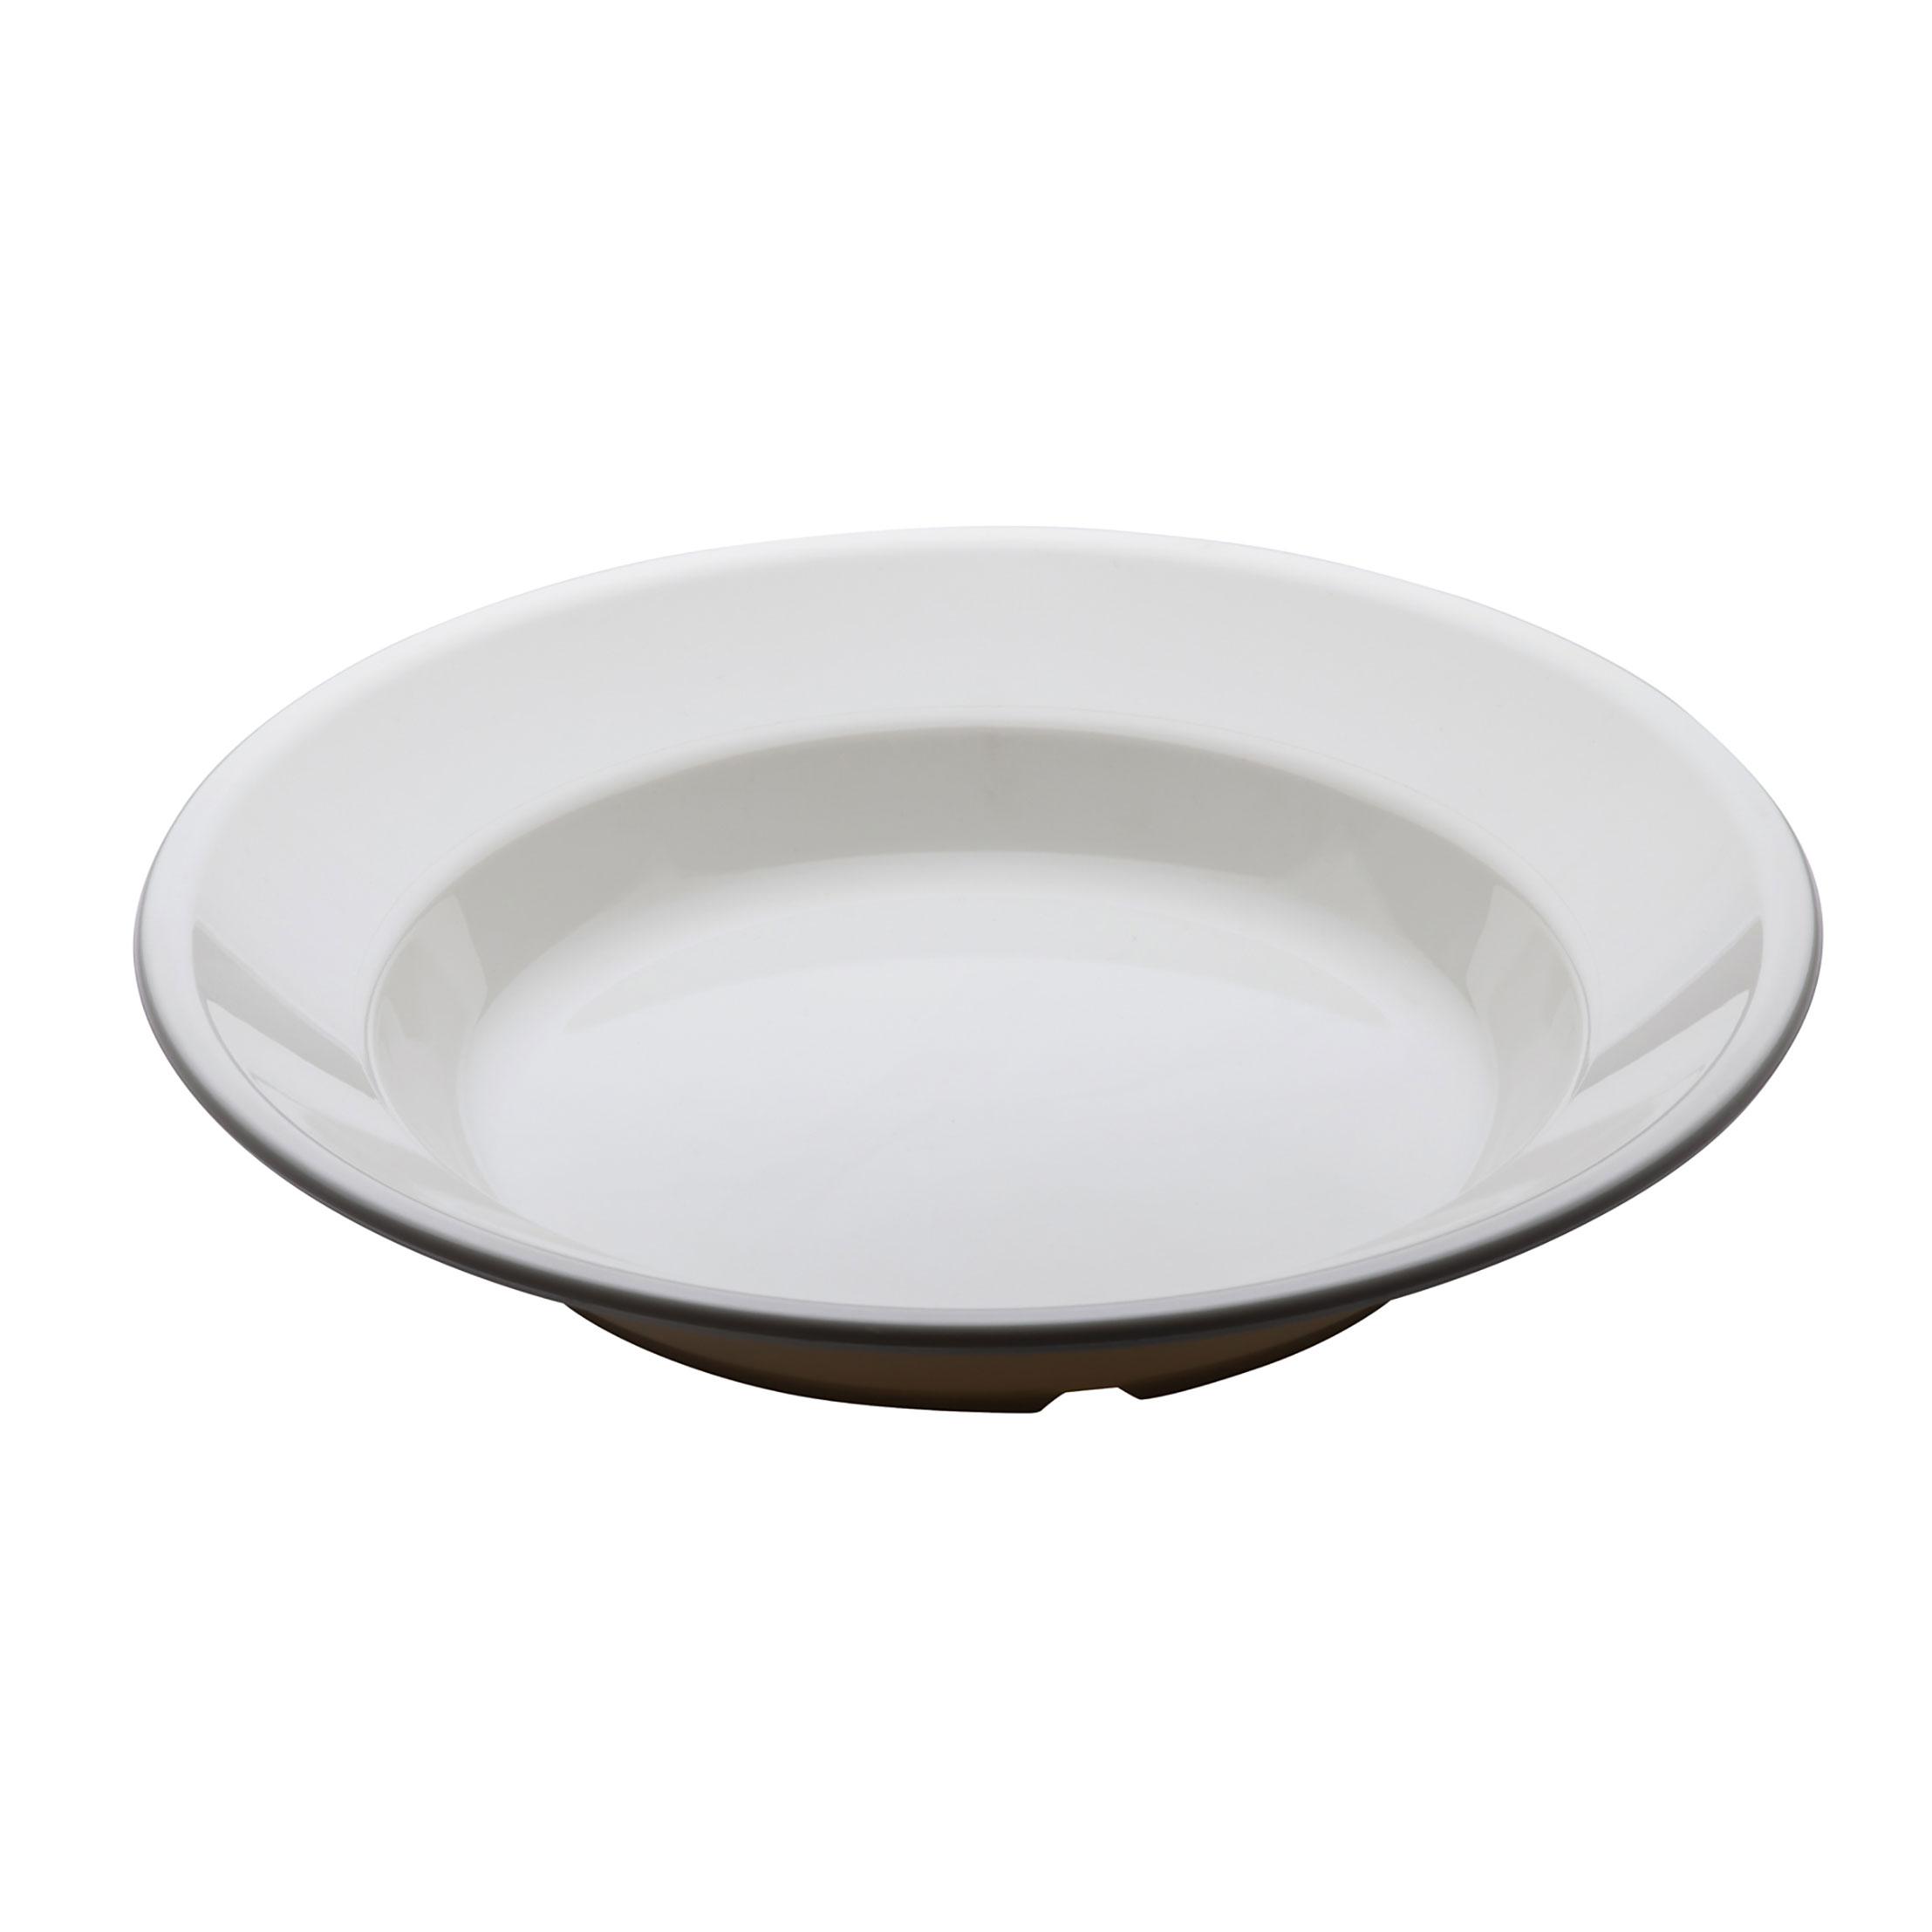 Cambro 90SPCW148 bowls (non disposable)